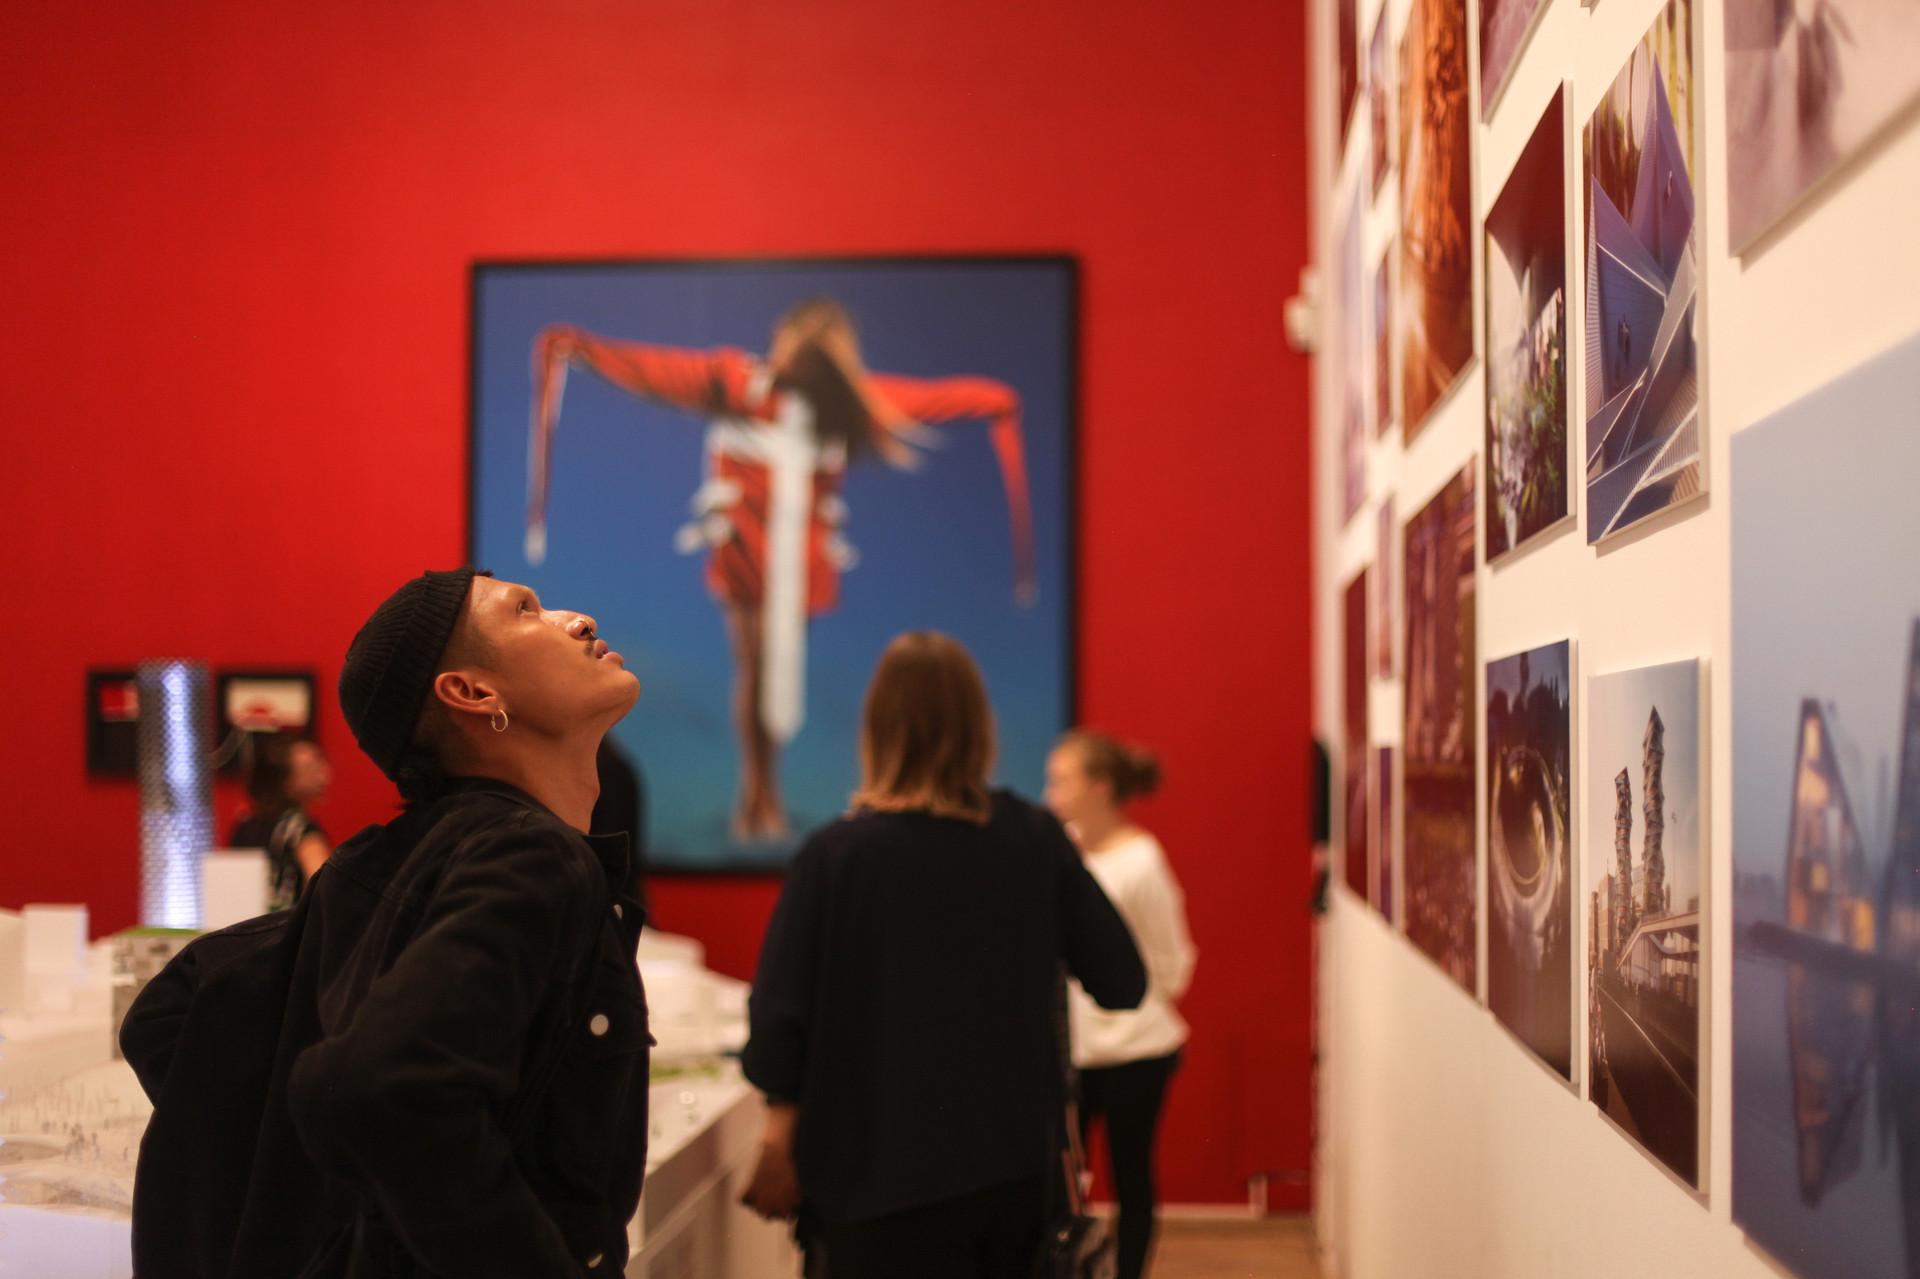 vilde livsdatter_exhibitions-0335.jpg